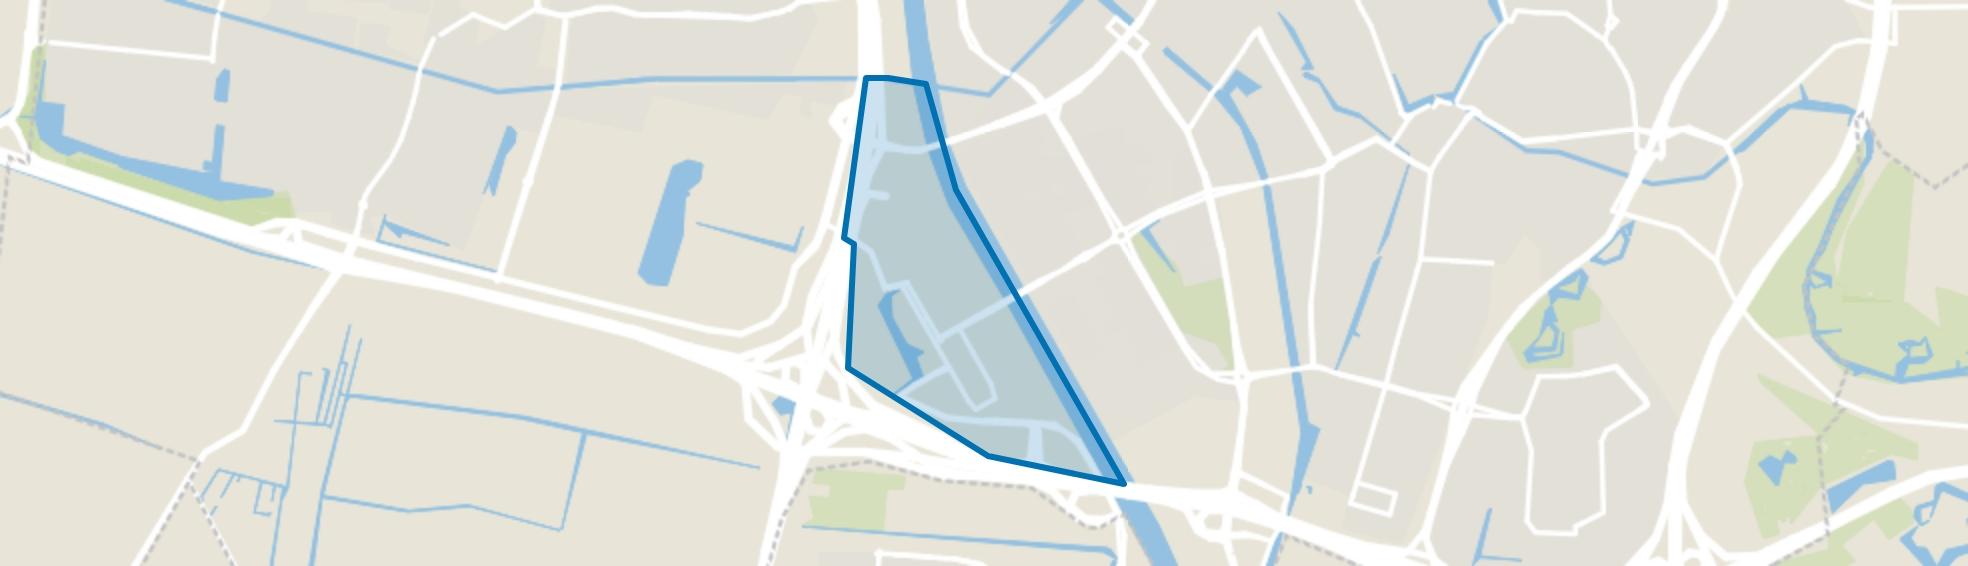 Bedrijvengebied Papendorp, Utrecht map